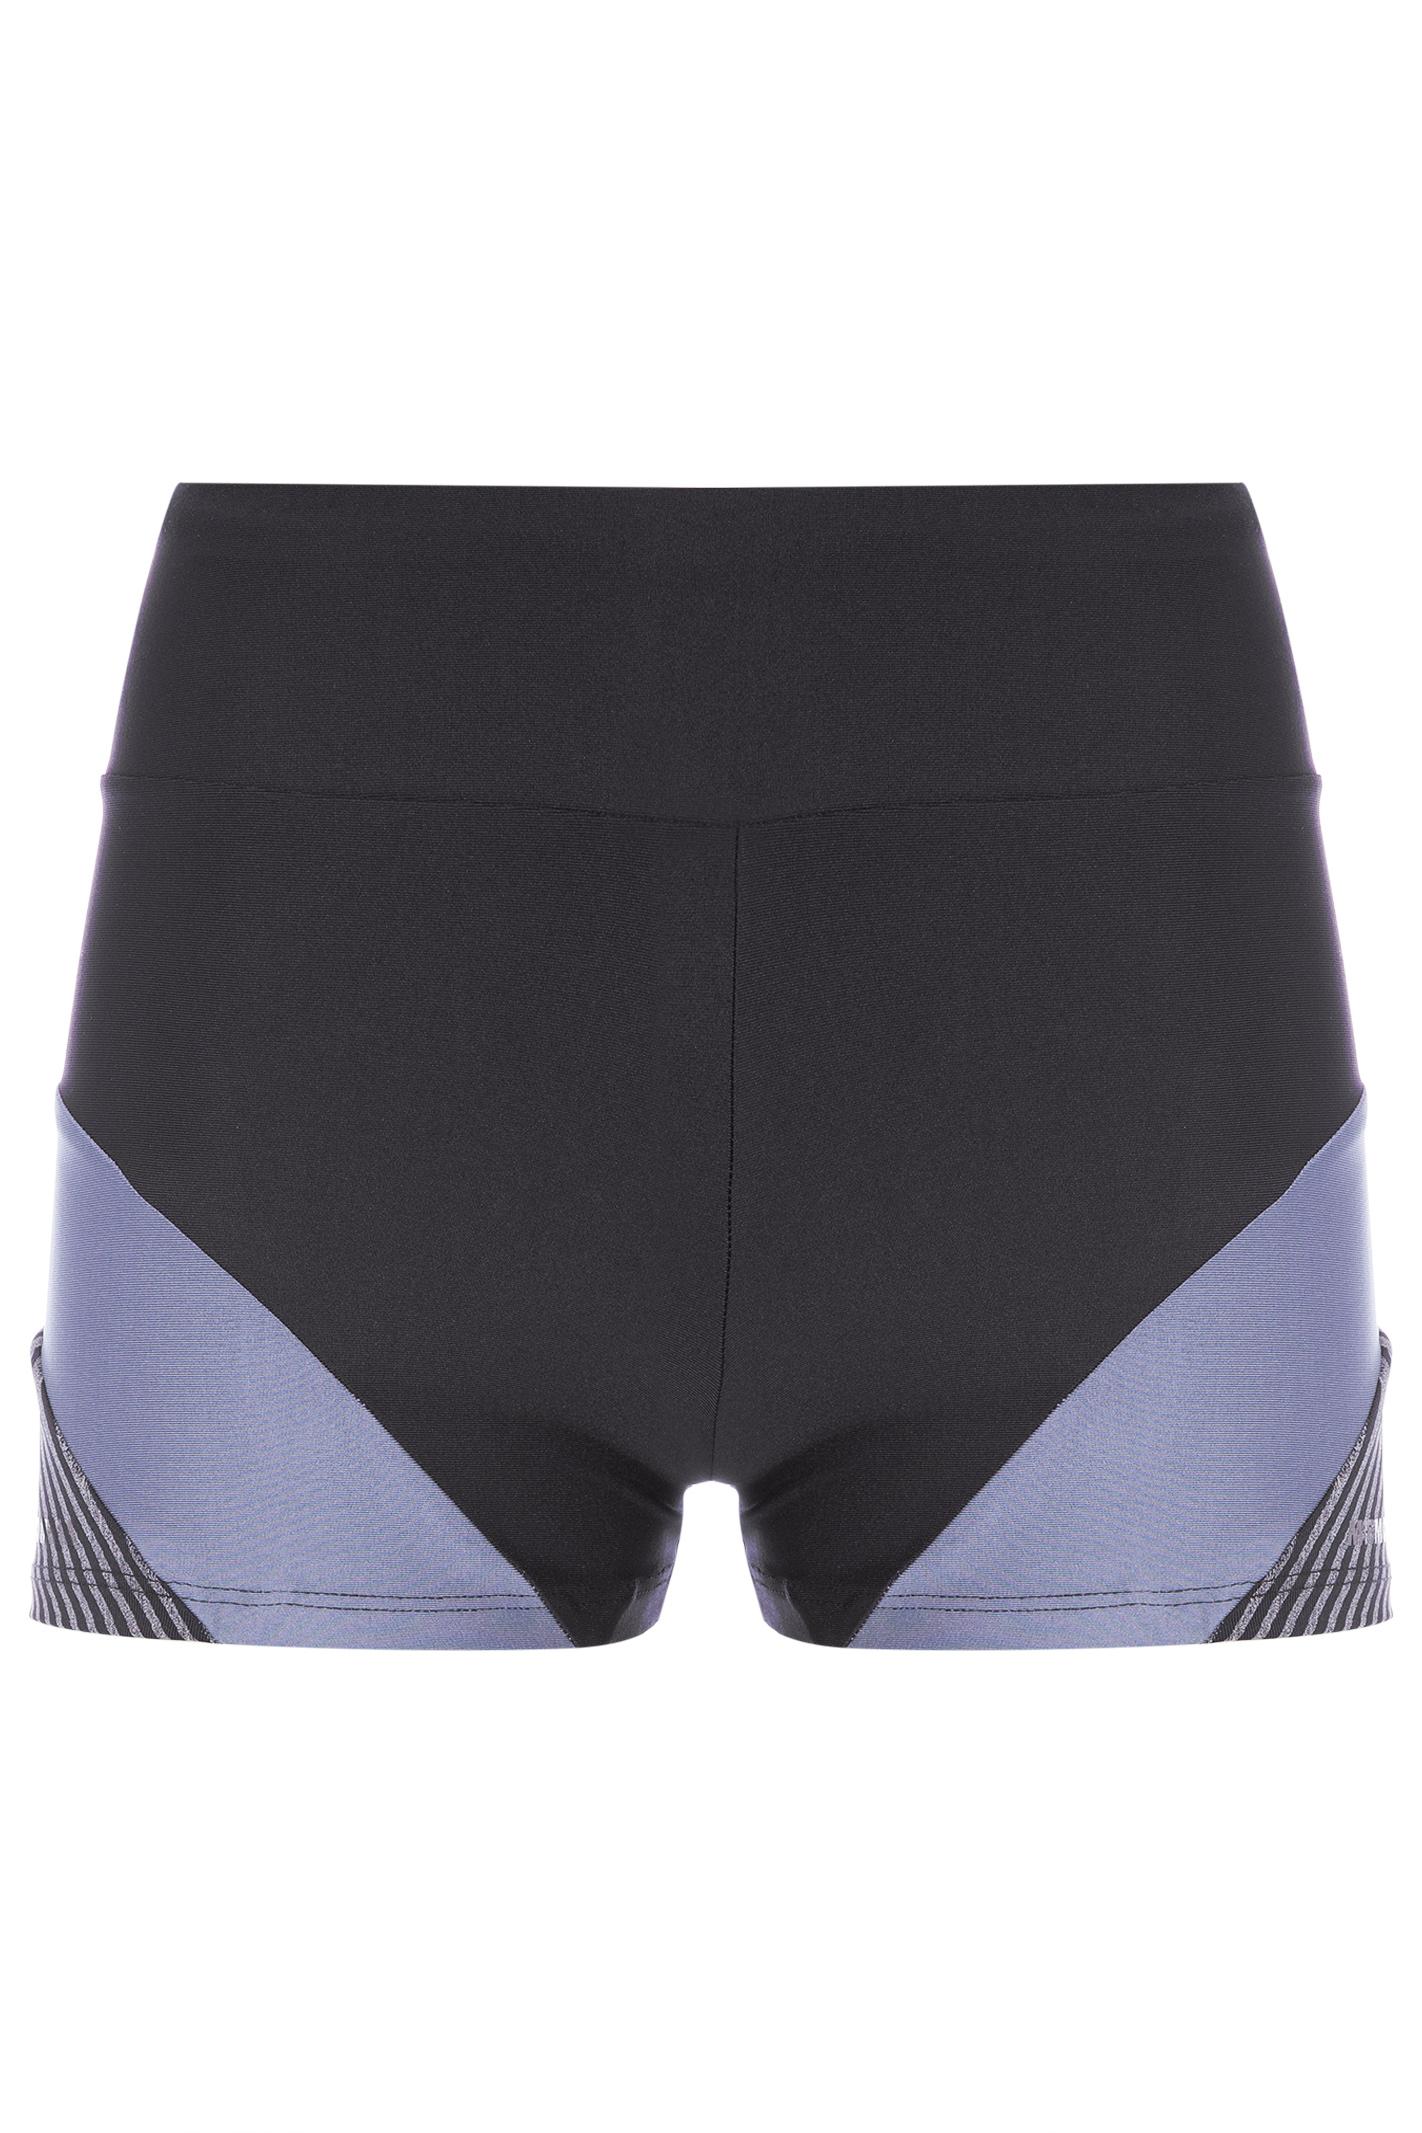 Shorts Recorte Reflet